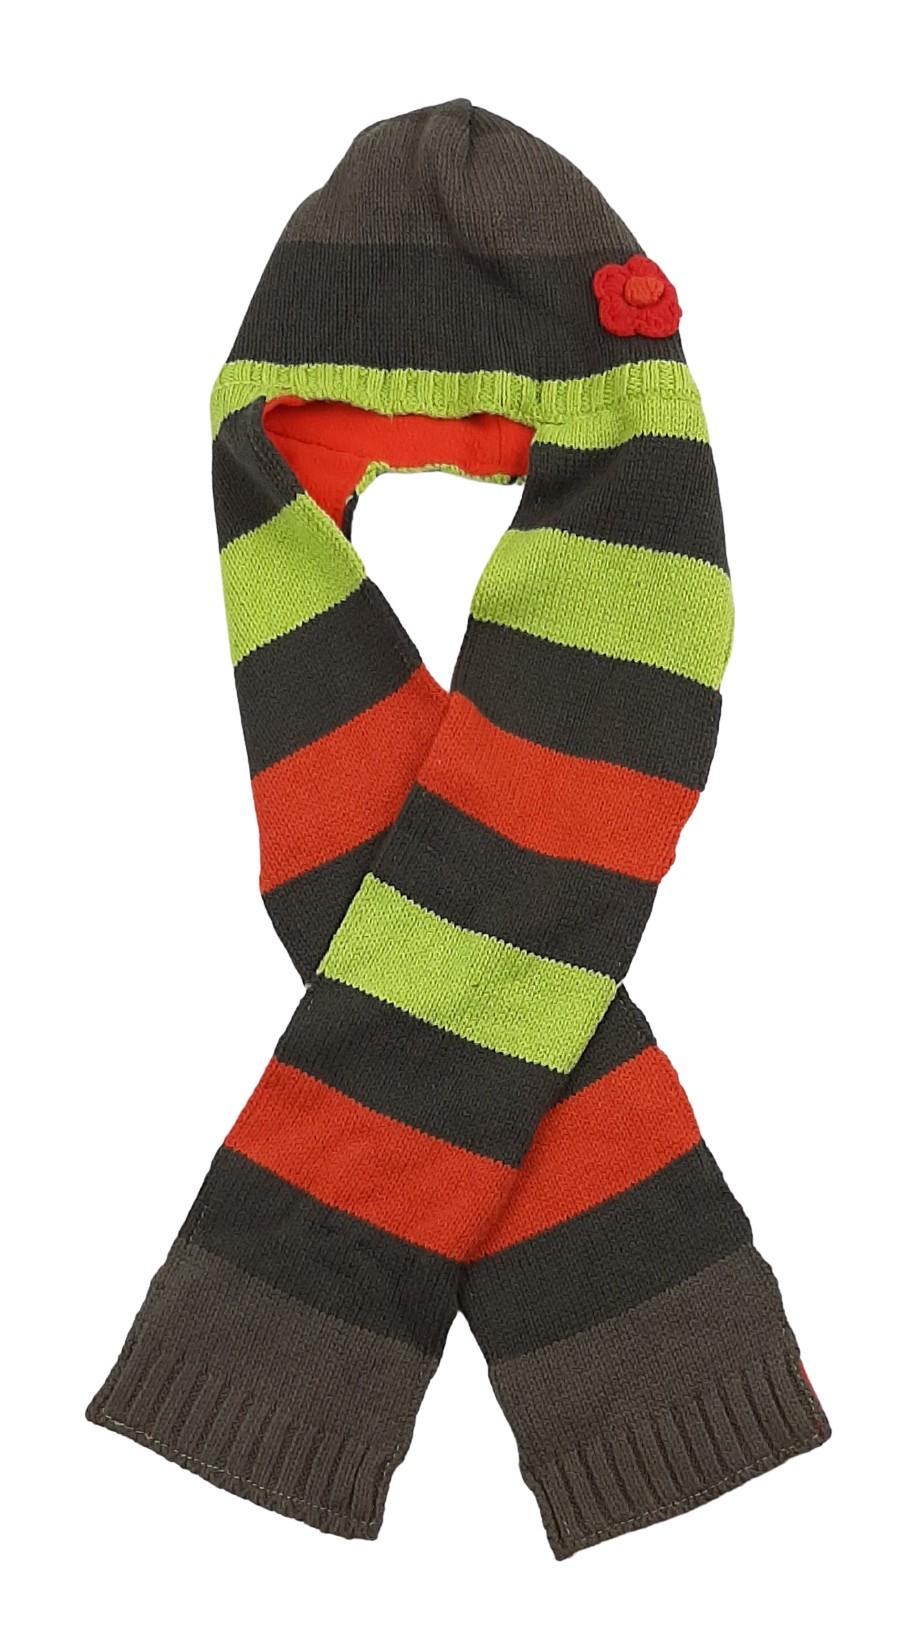 Bonnet/tuque avec écharpe intégrée taille 41cm 1